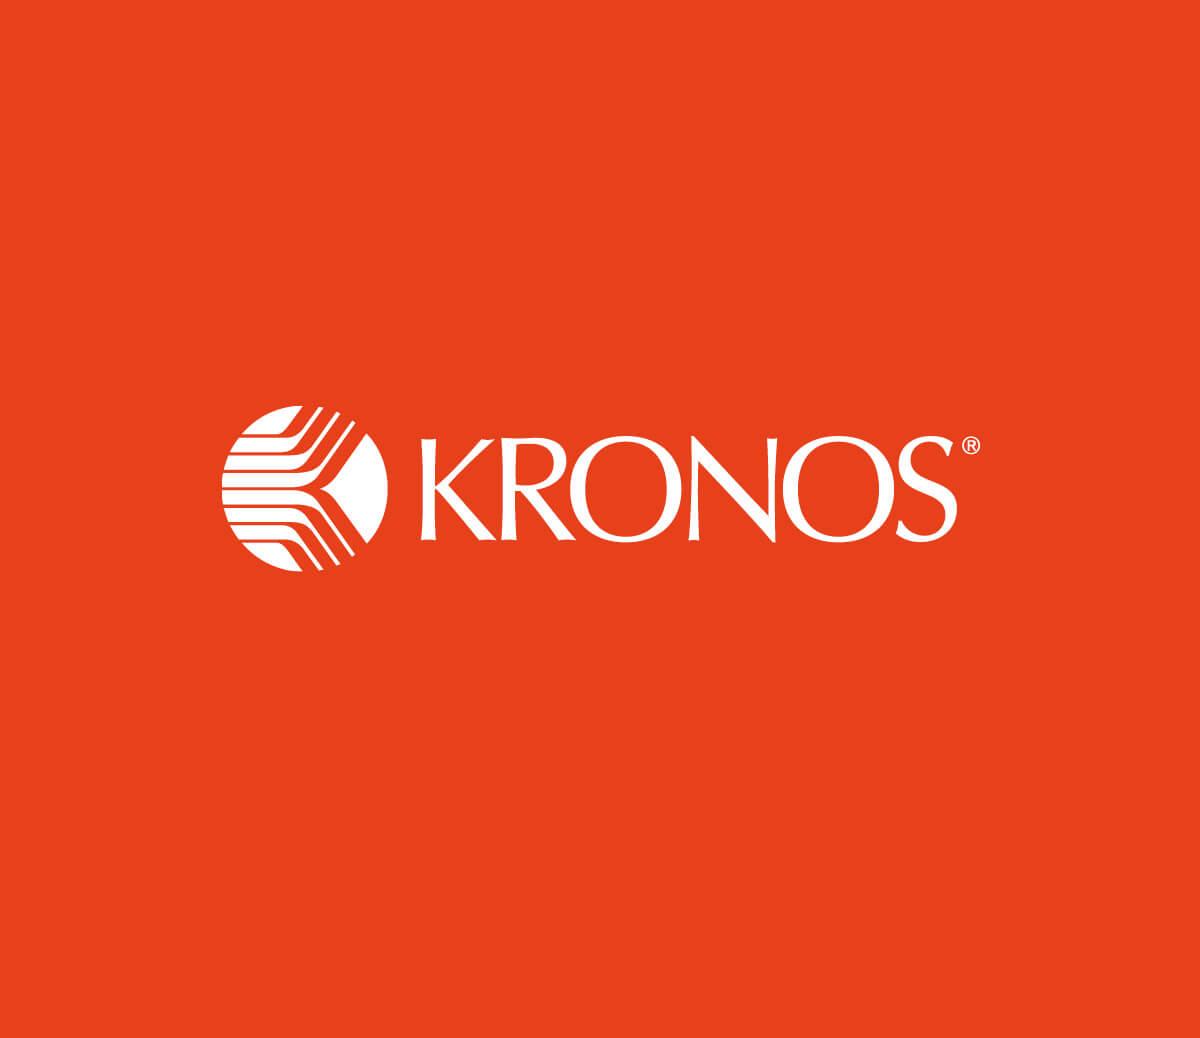 TMWB_Kronos_Image_03_1200x1038